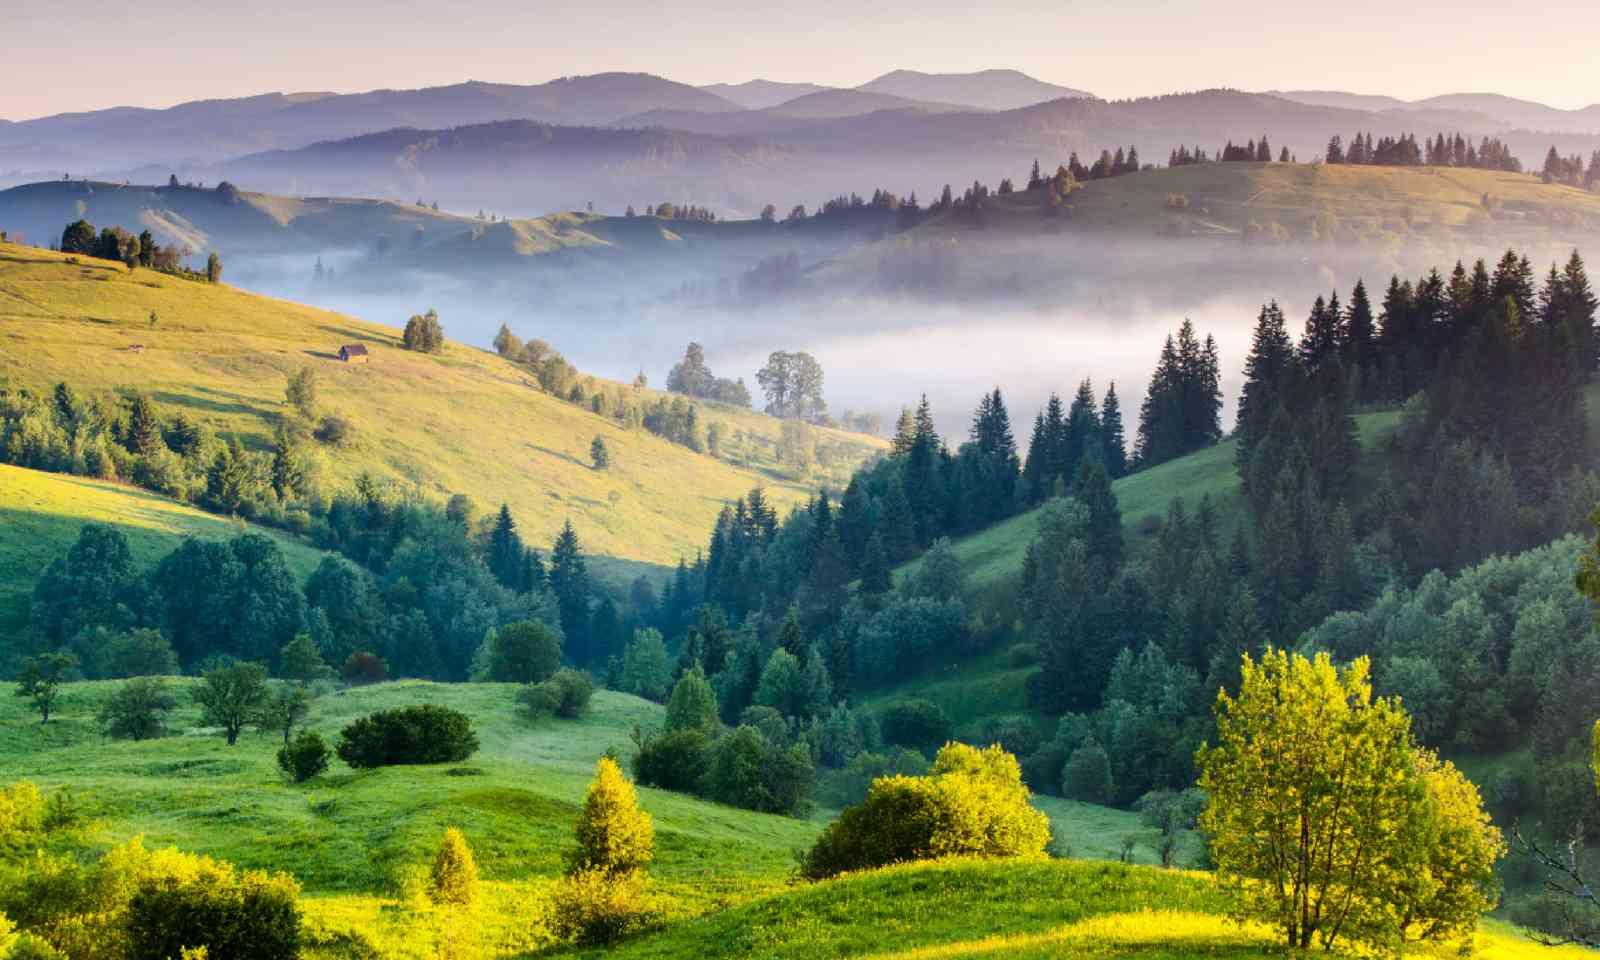 Carpathian, Ukraine (Shutterstock)